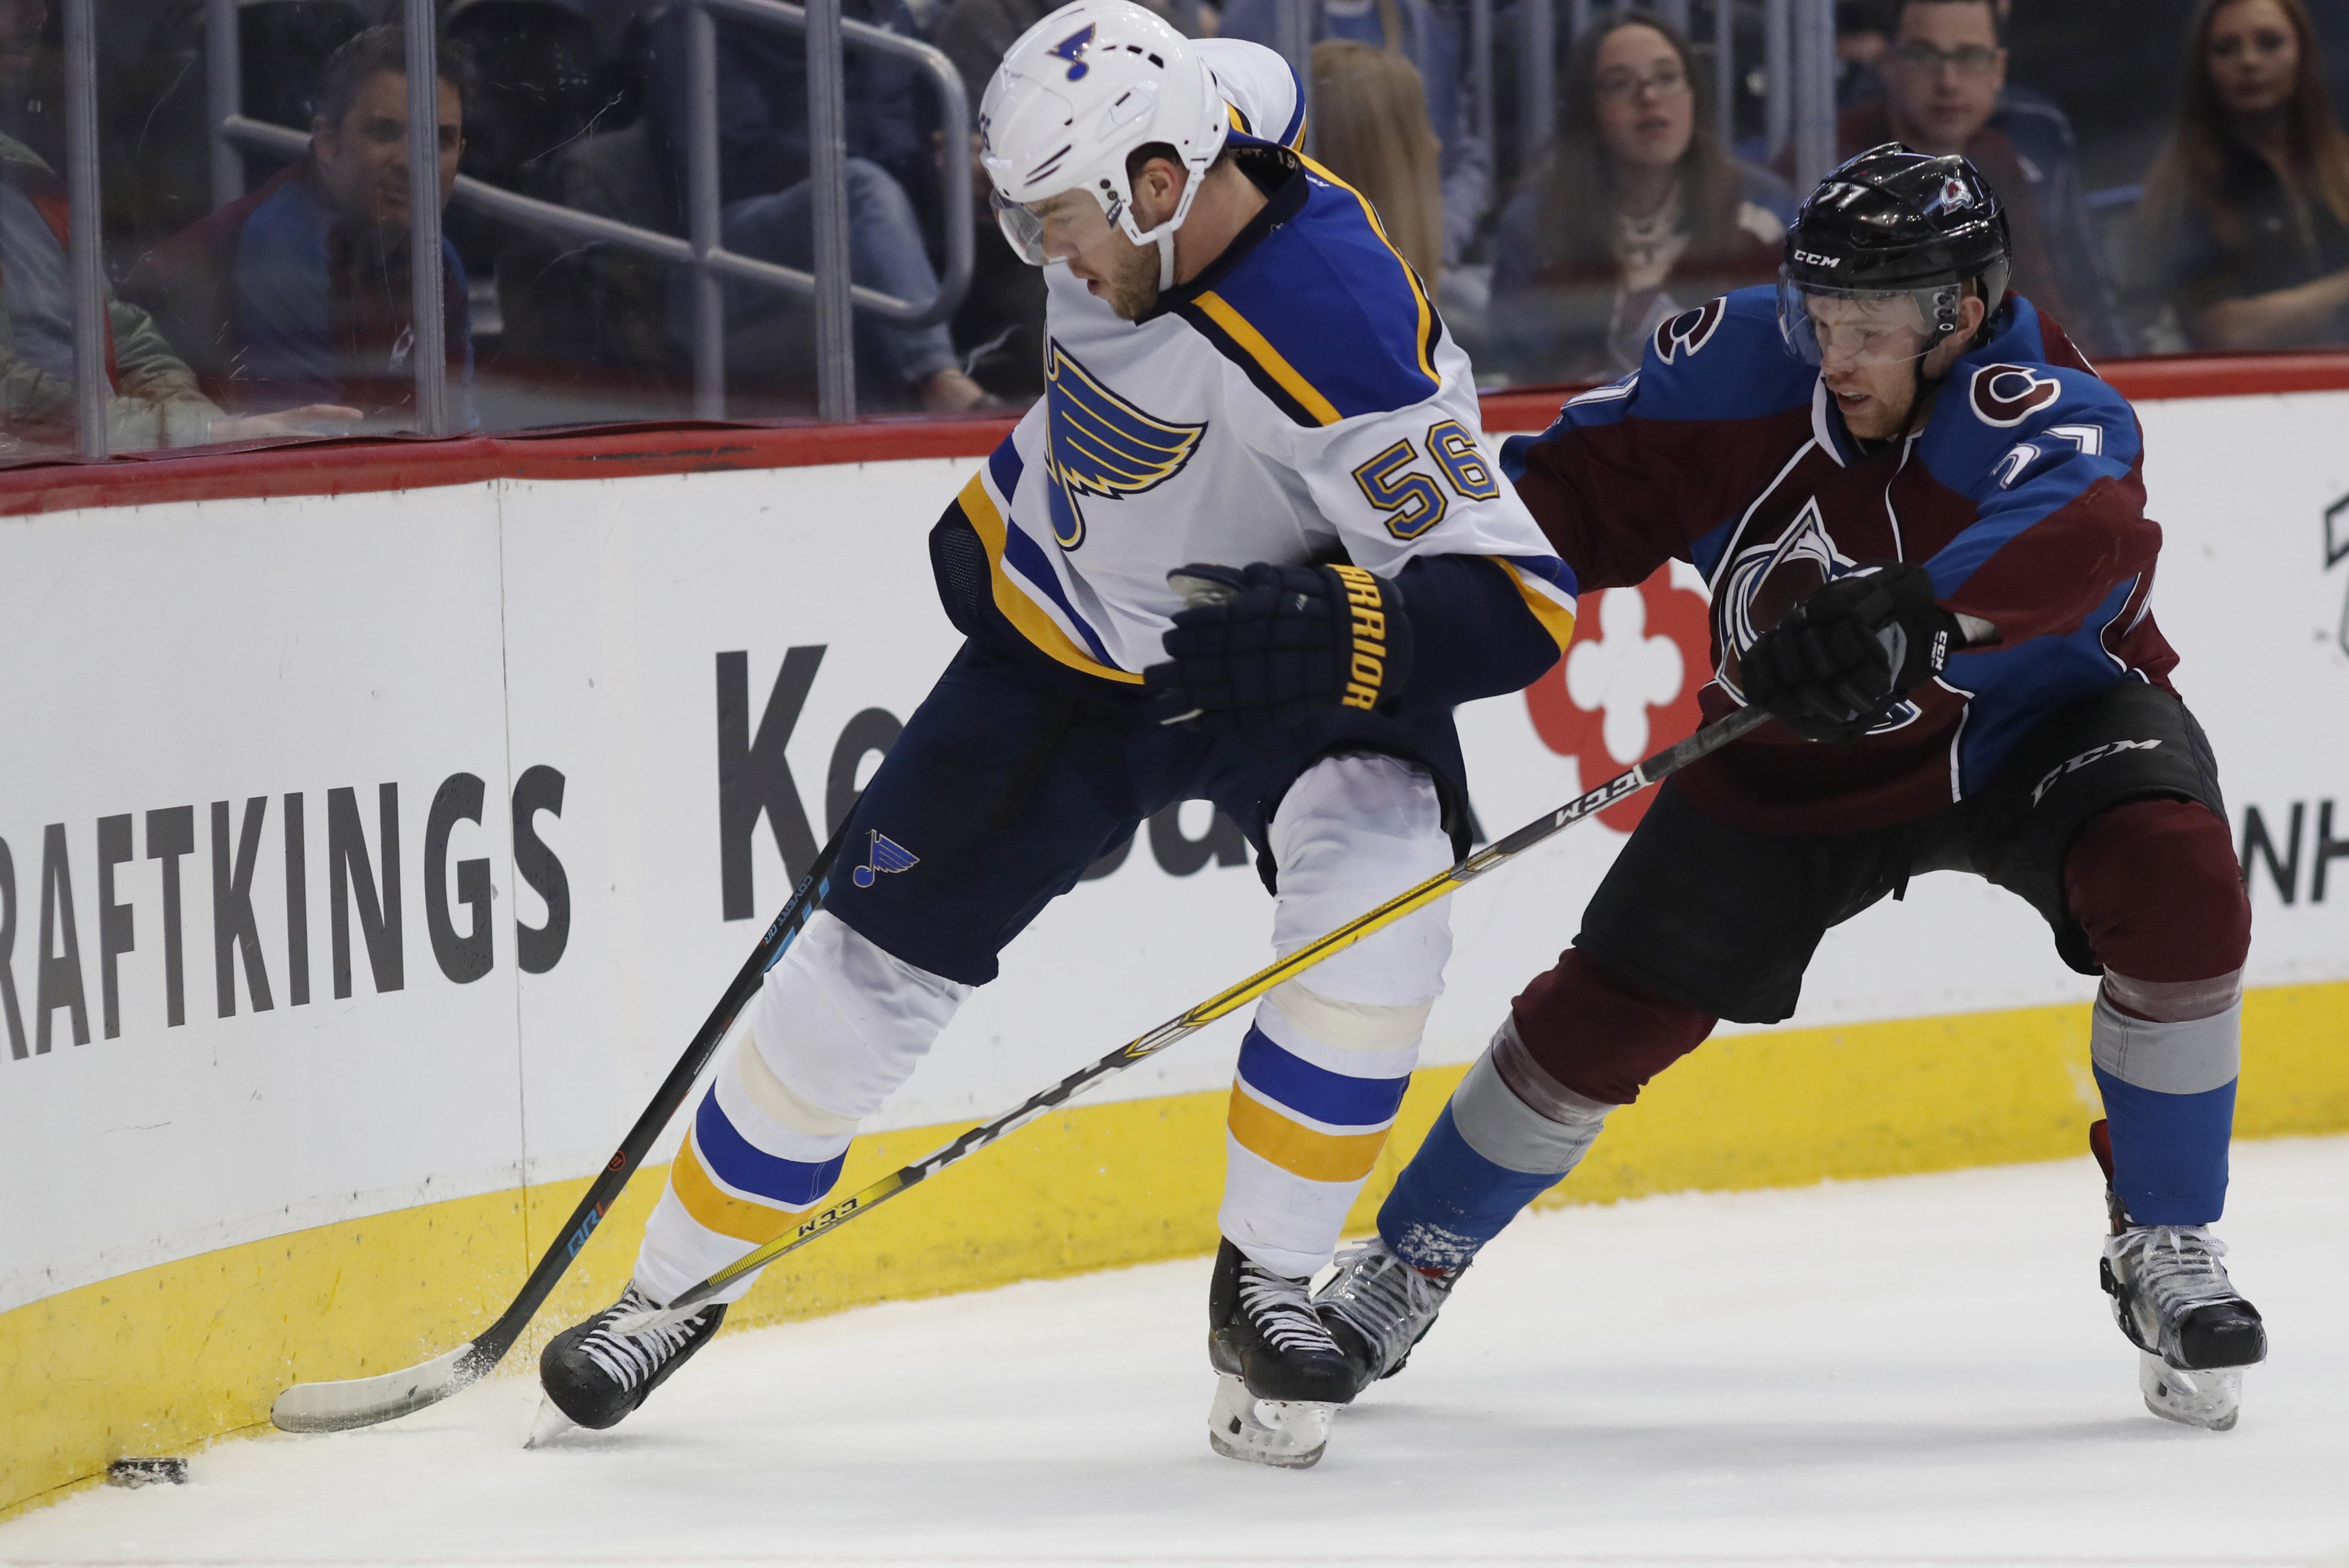 Blues_avalanche_hockey_13601